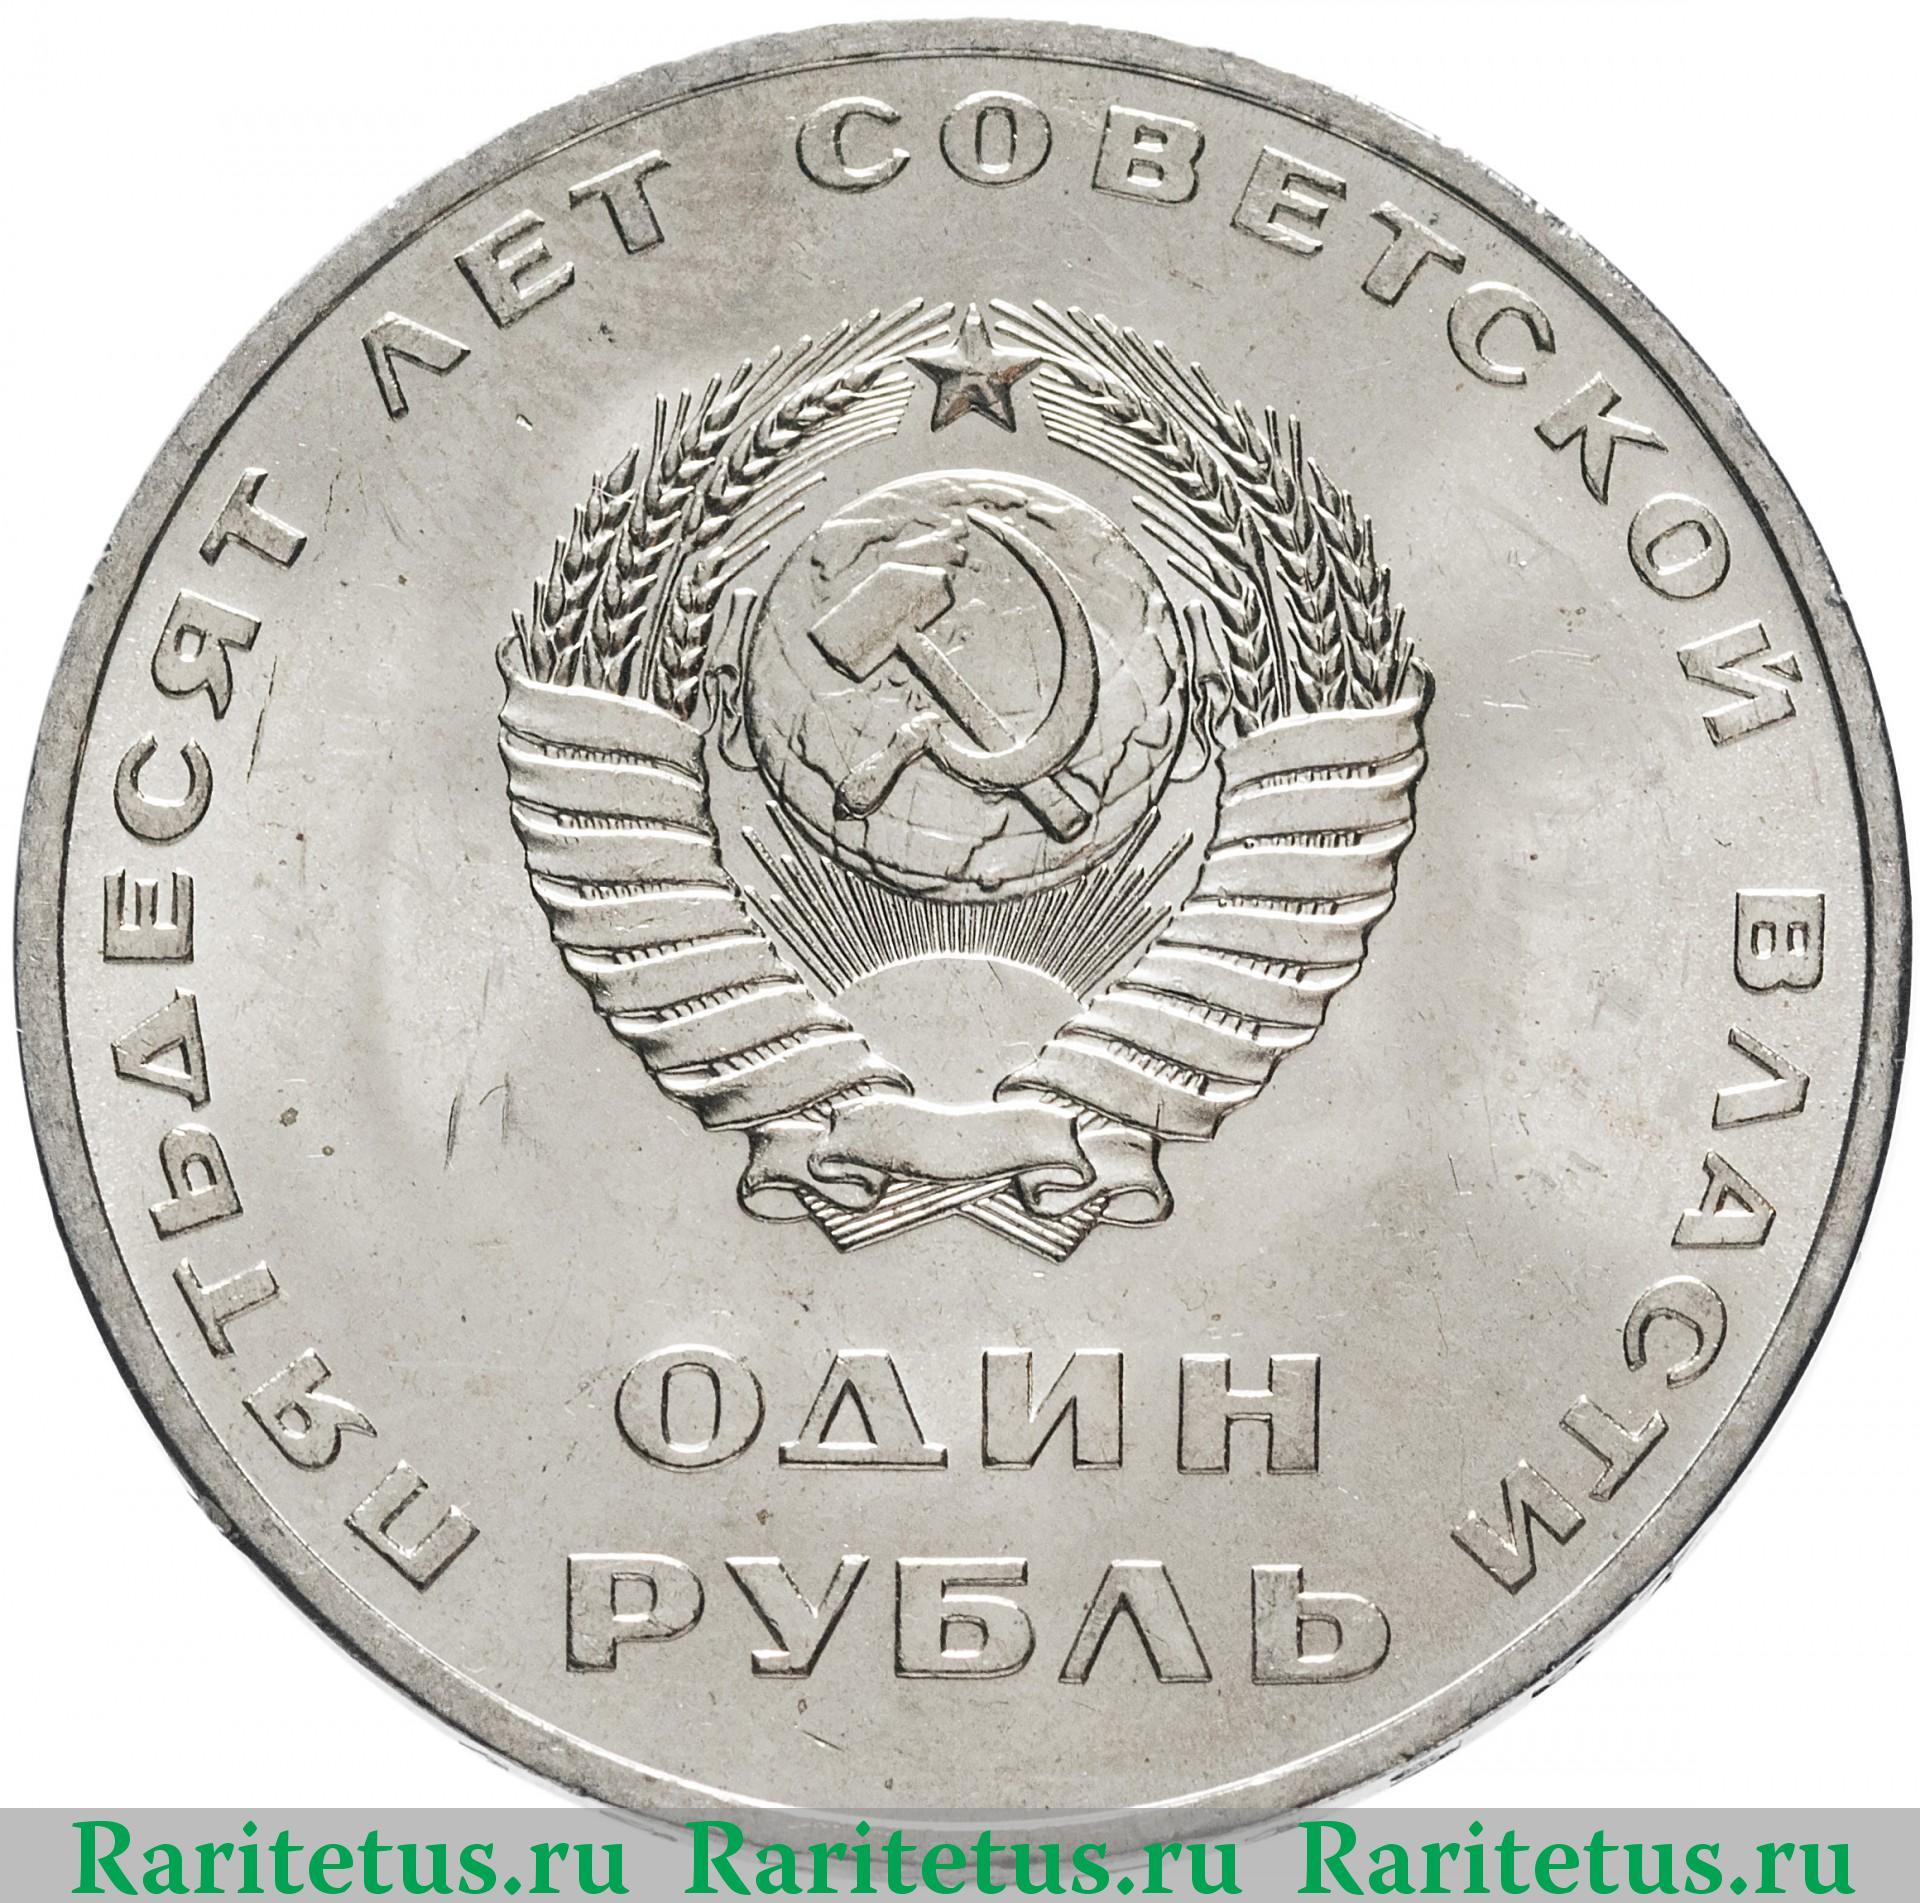 Стоимость монеты один рубль пятьдесят лет советской украинский металлоискатель